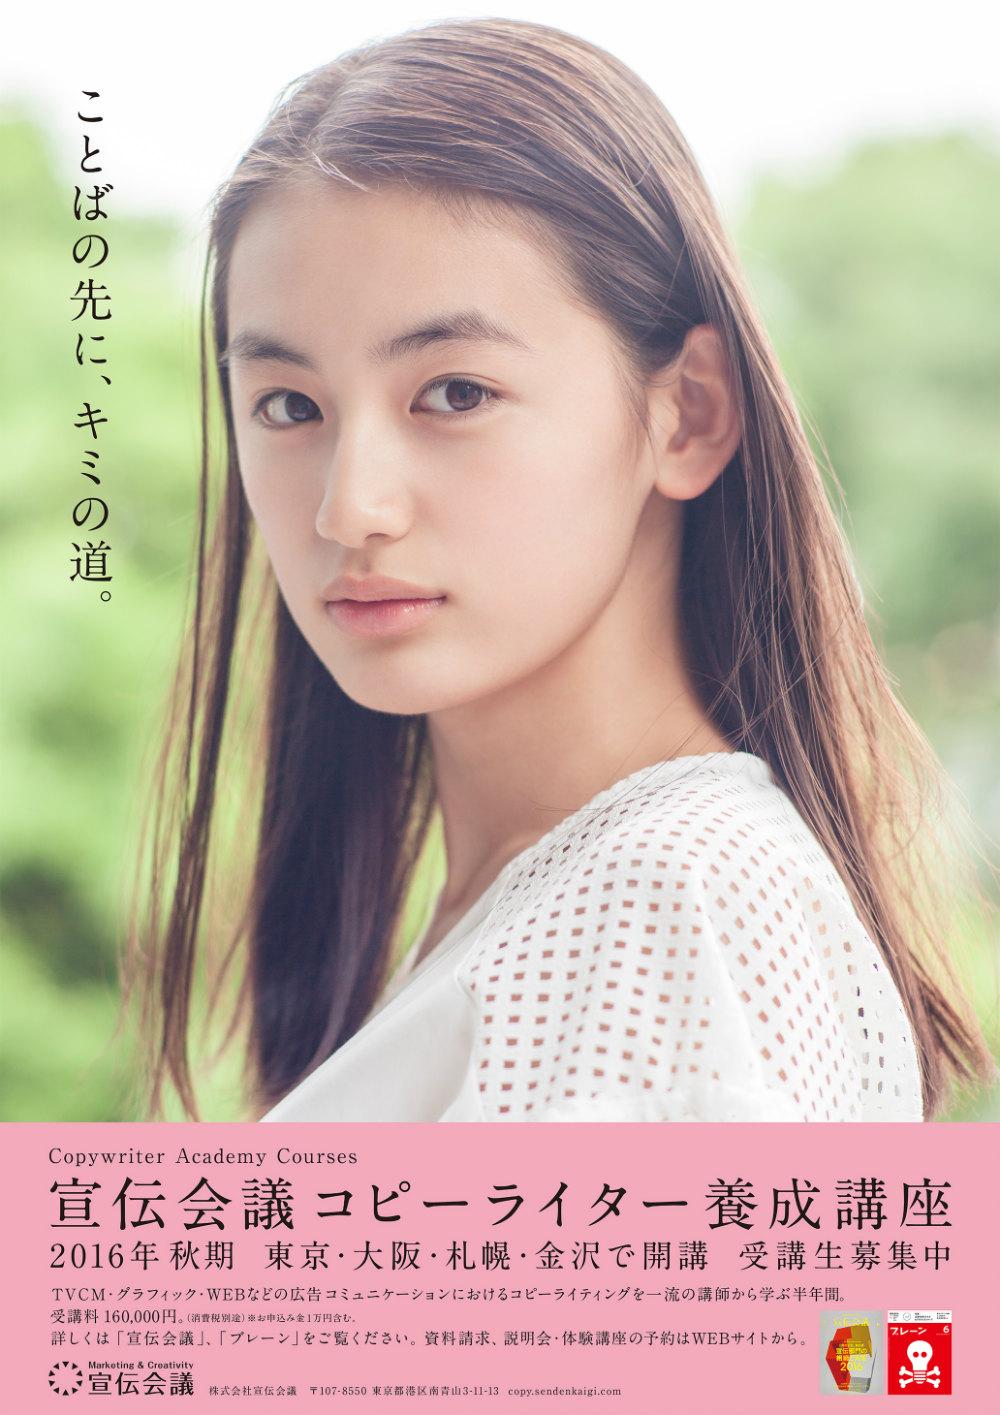 八木莉可子 宣伝会議コピーライター養成講座・新イメージキャラクター